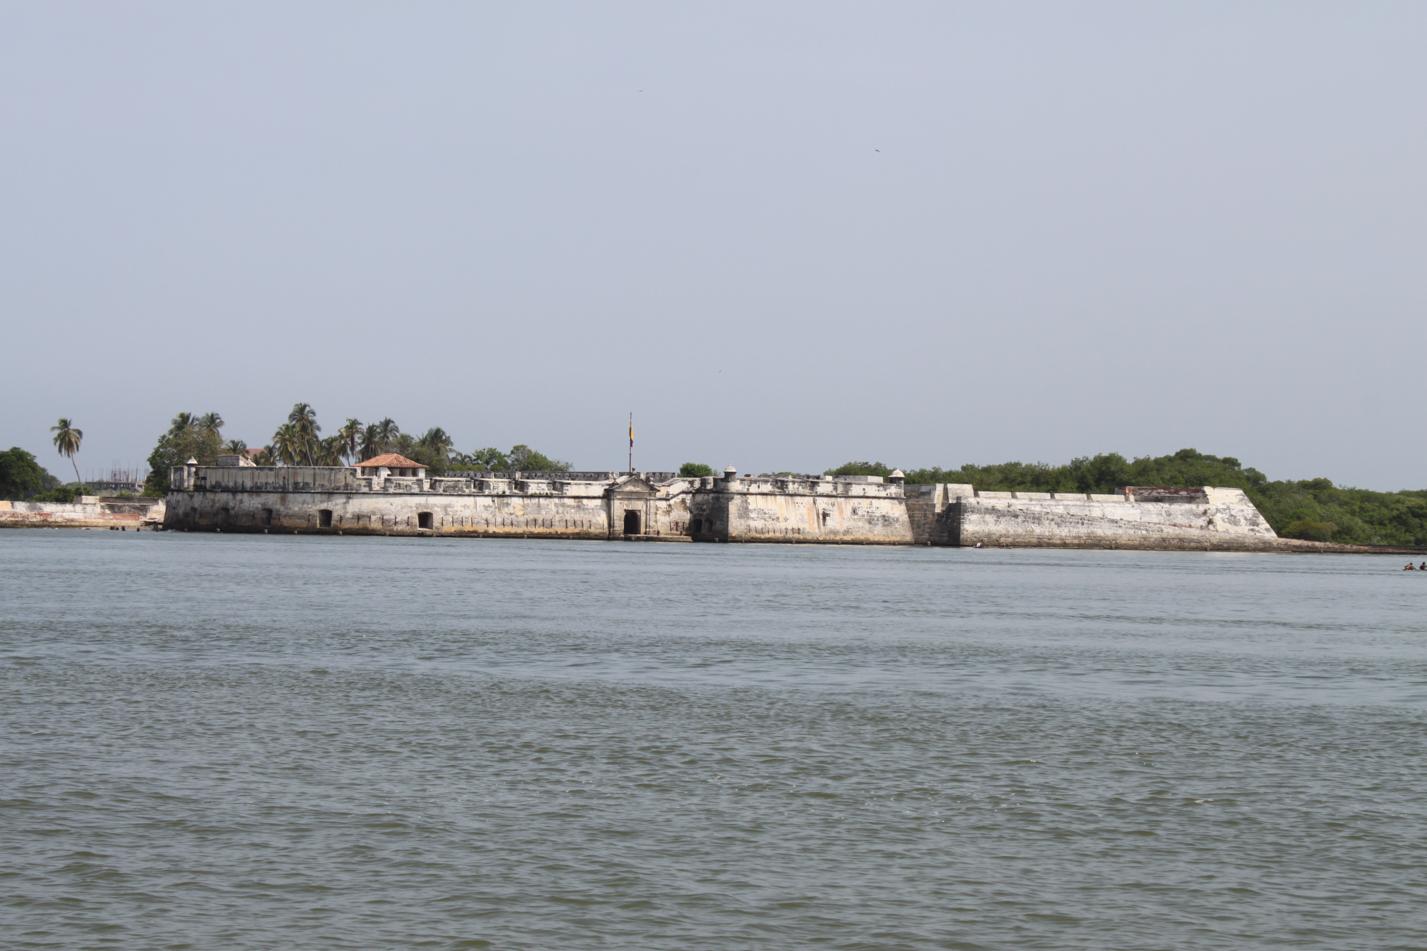 Die Kolonialstadt Cartagena hat schon im Hafenbecken jede Menge Festungen zu bieten.